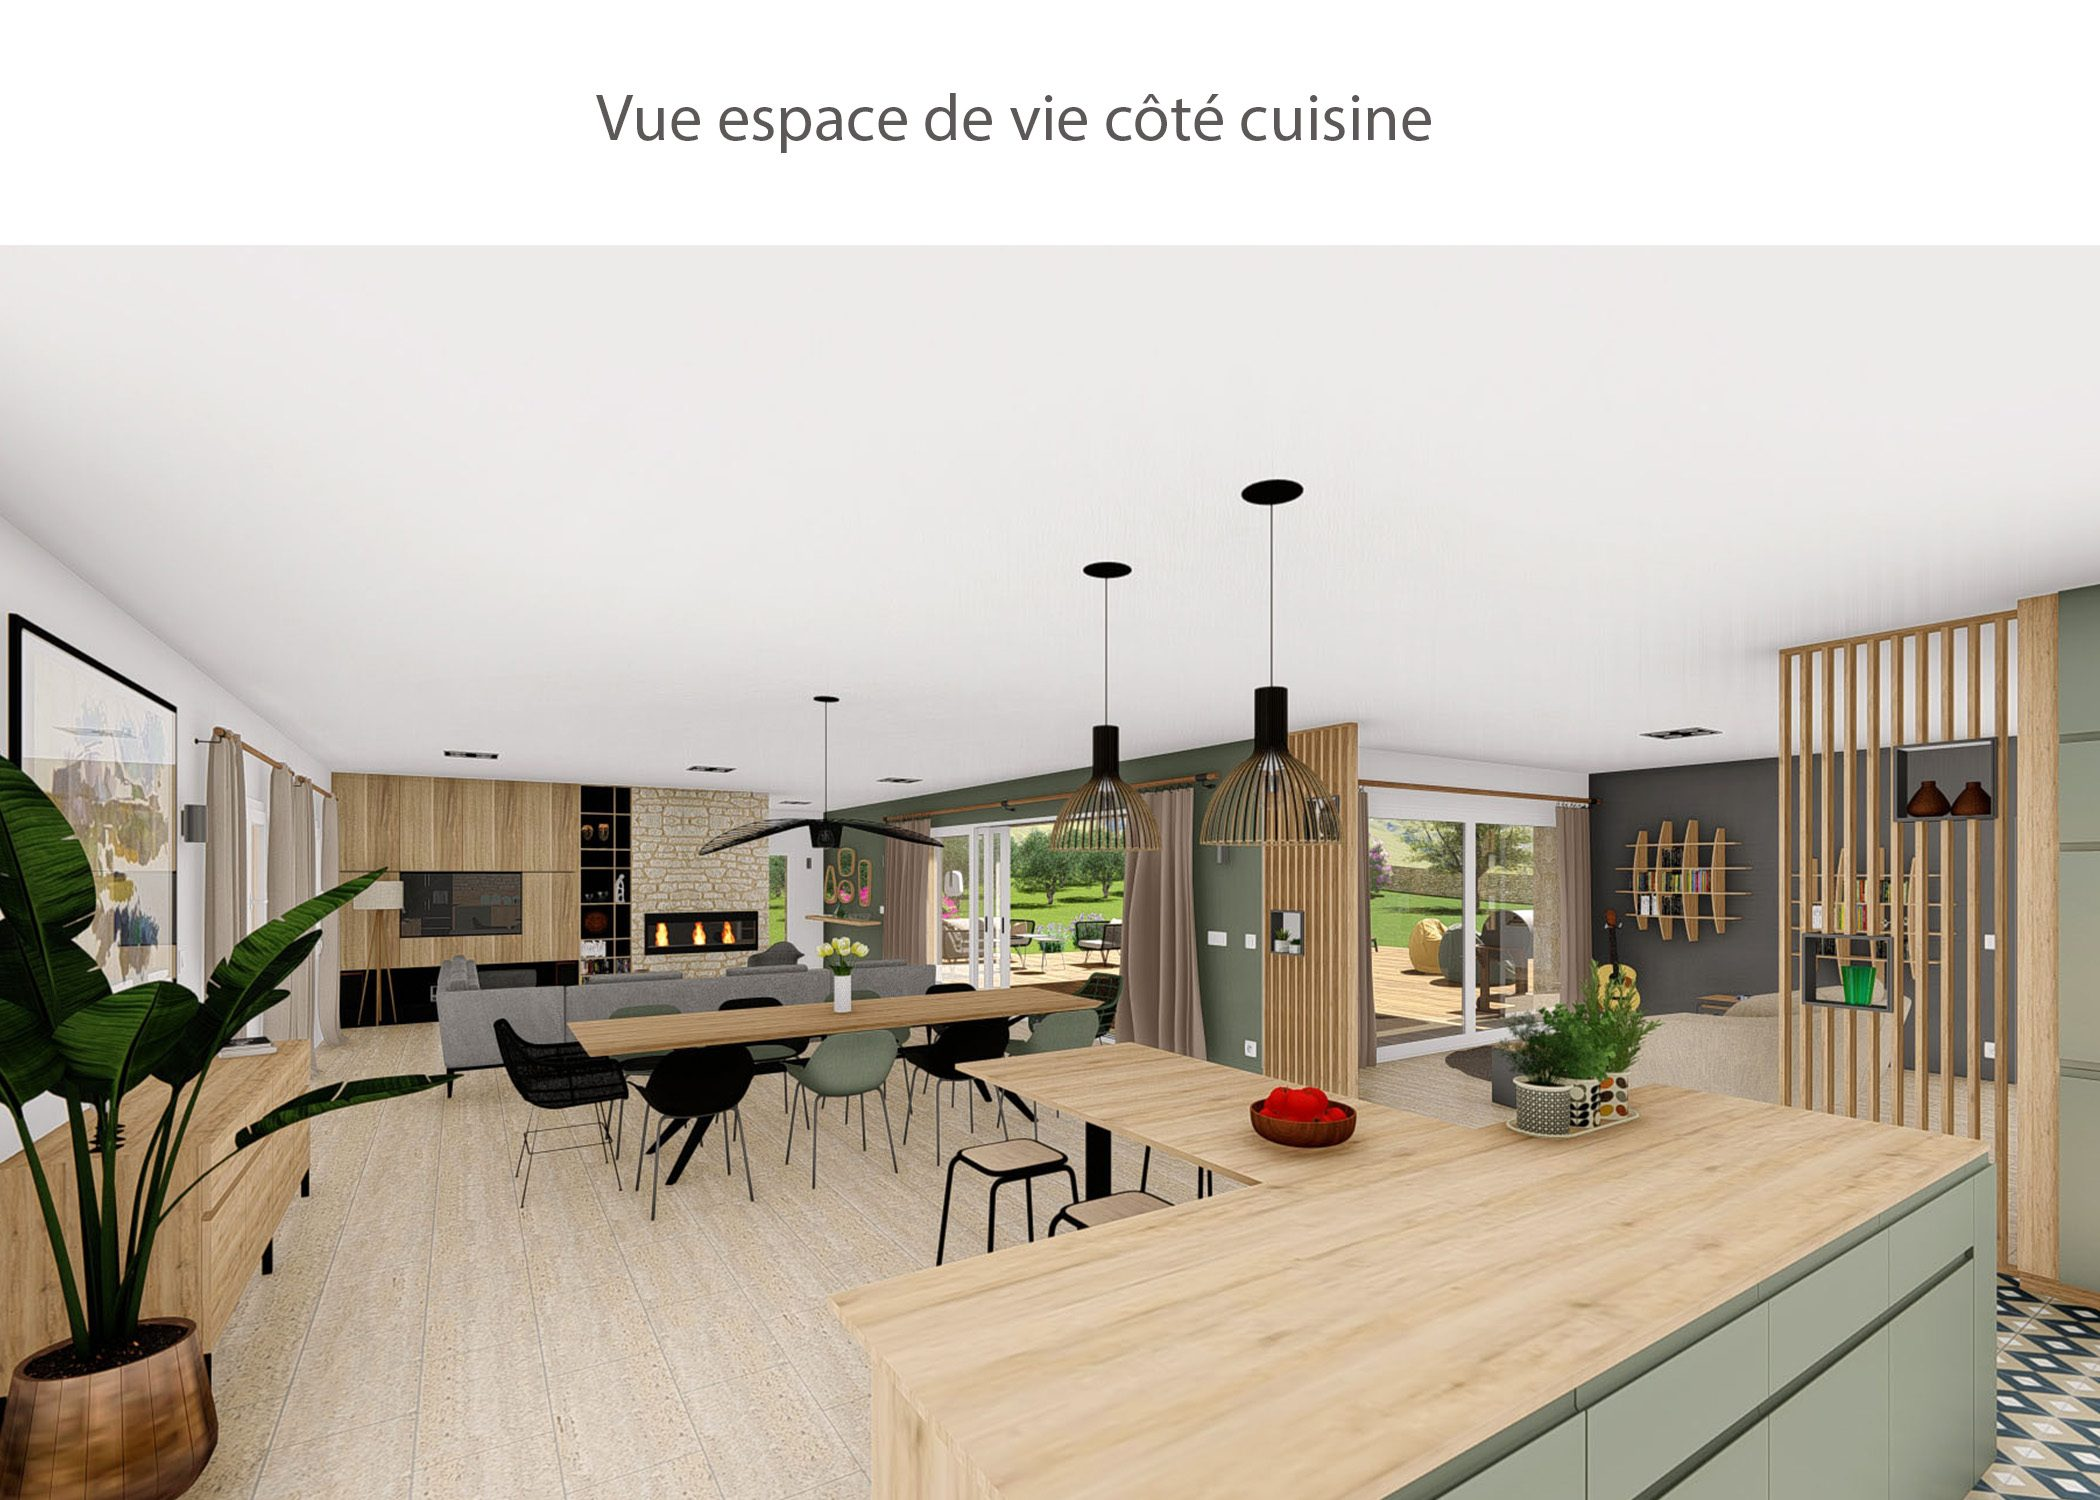 amenagement-decoration-maison de famille-campagne-provence-espace de vie cote cuisine-dekho design